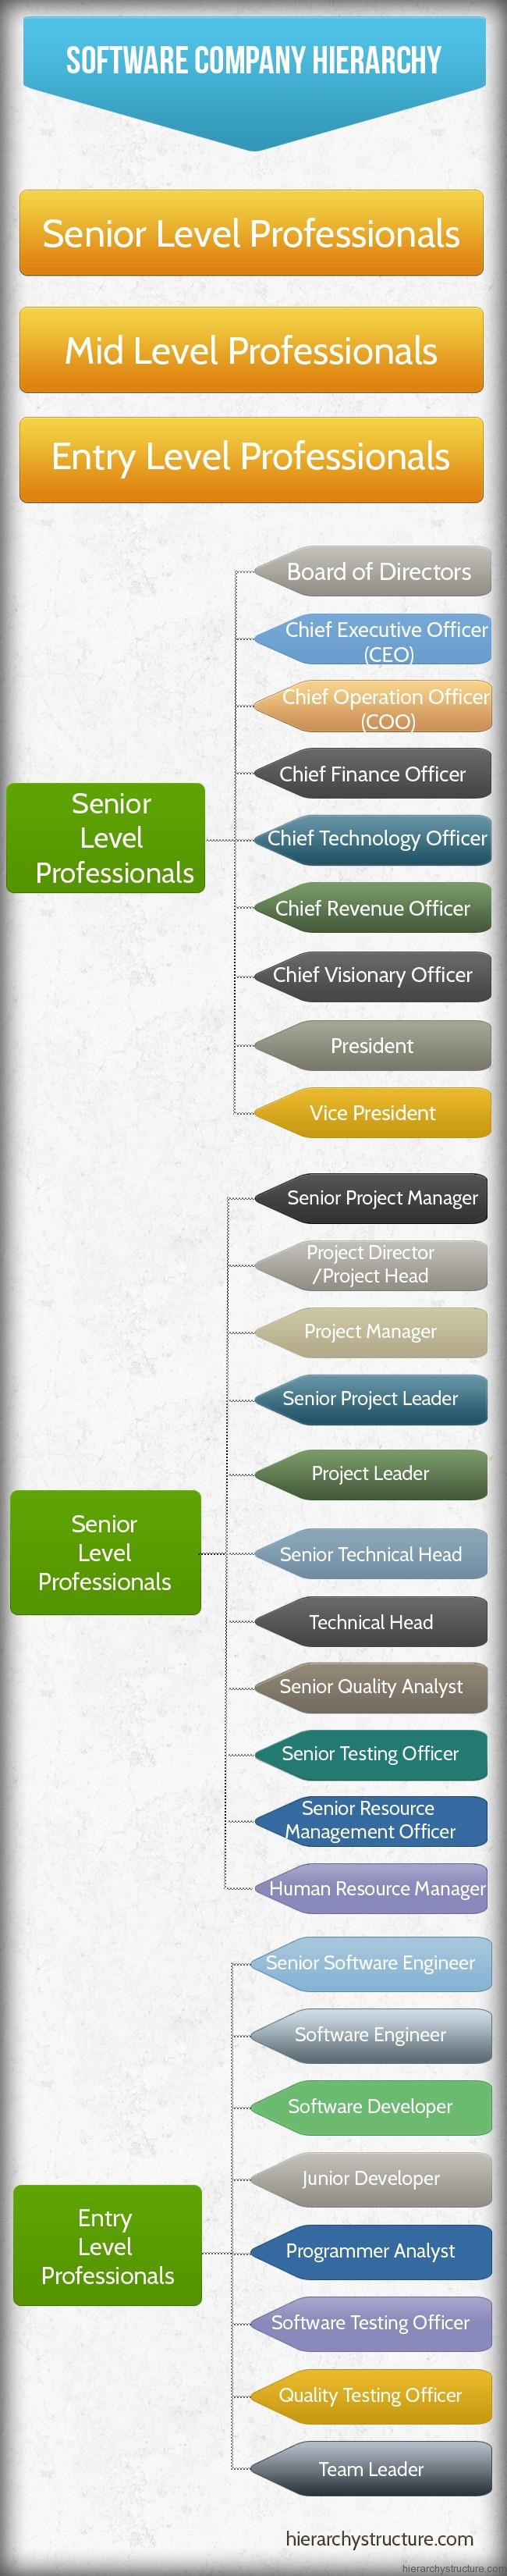 Software Company Hierarchy